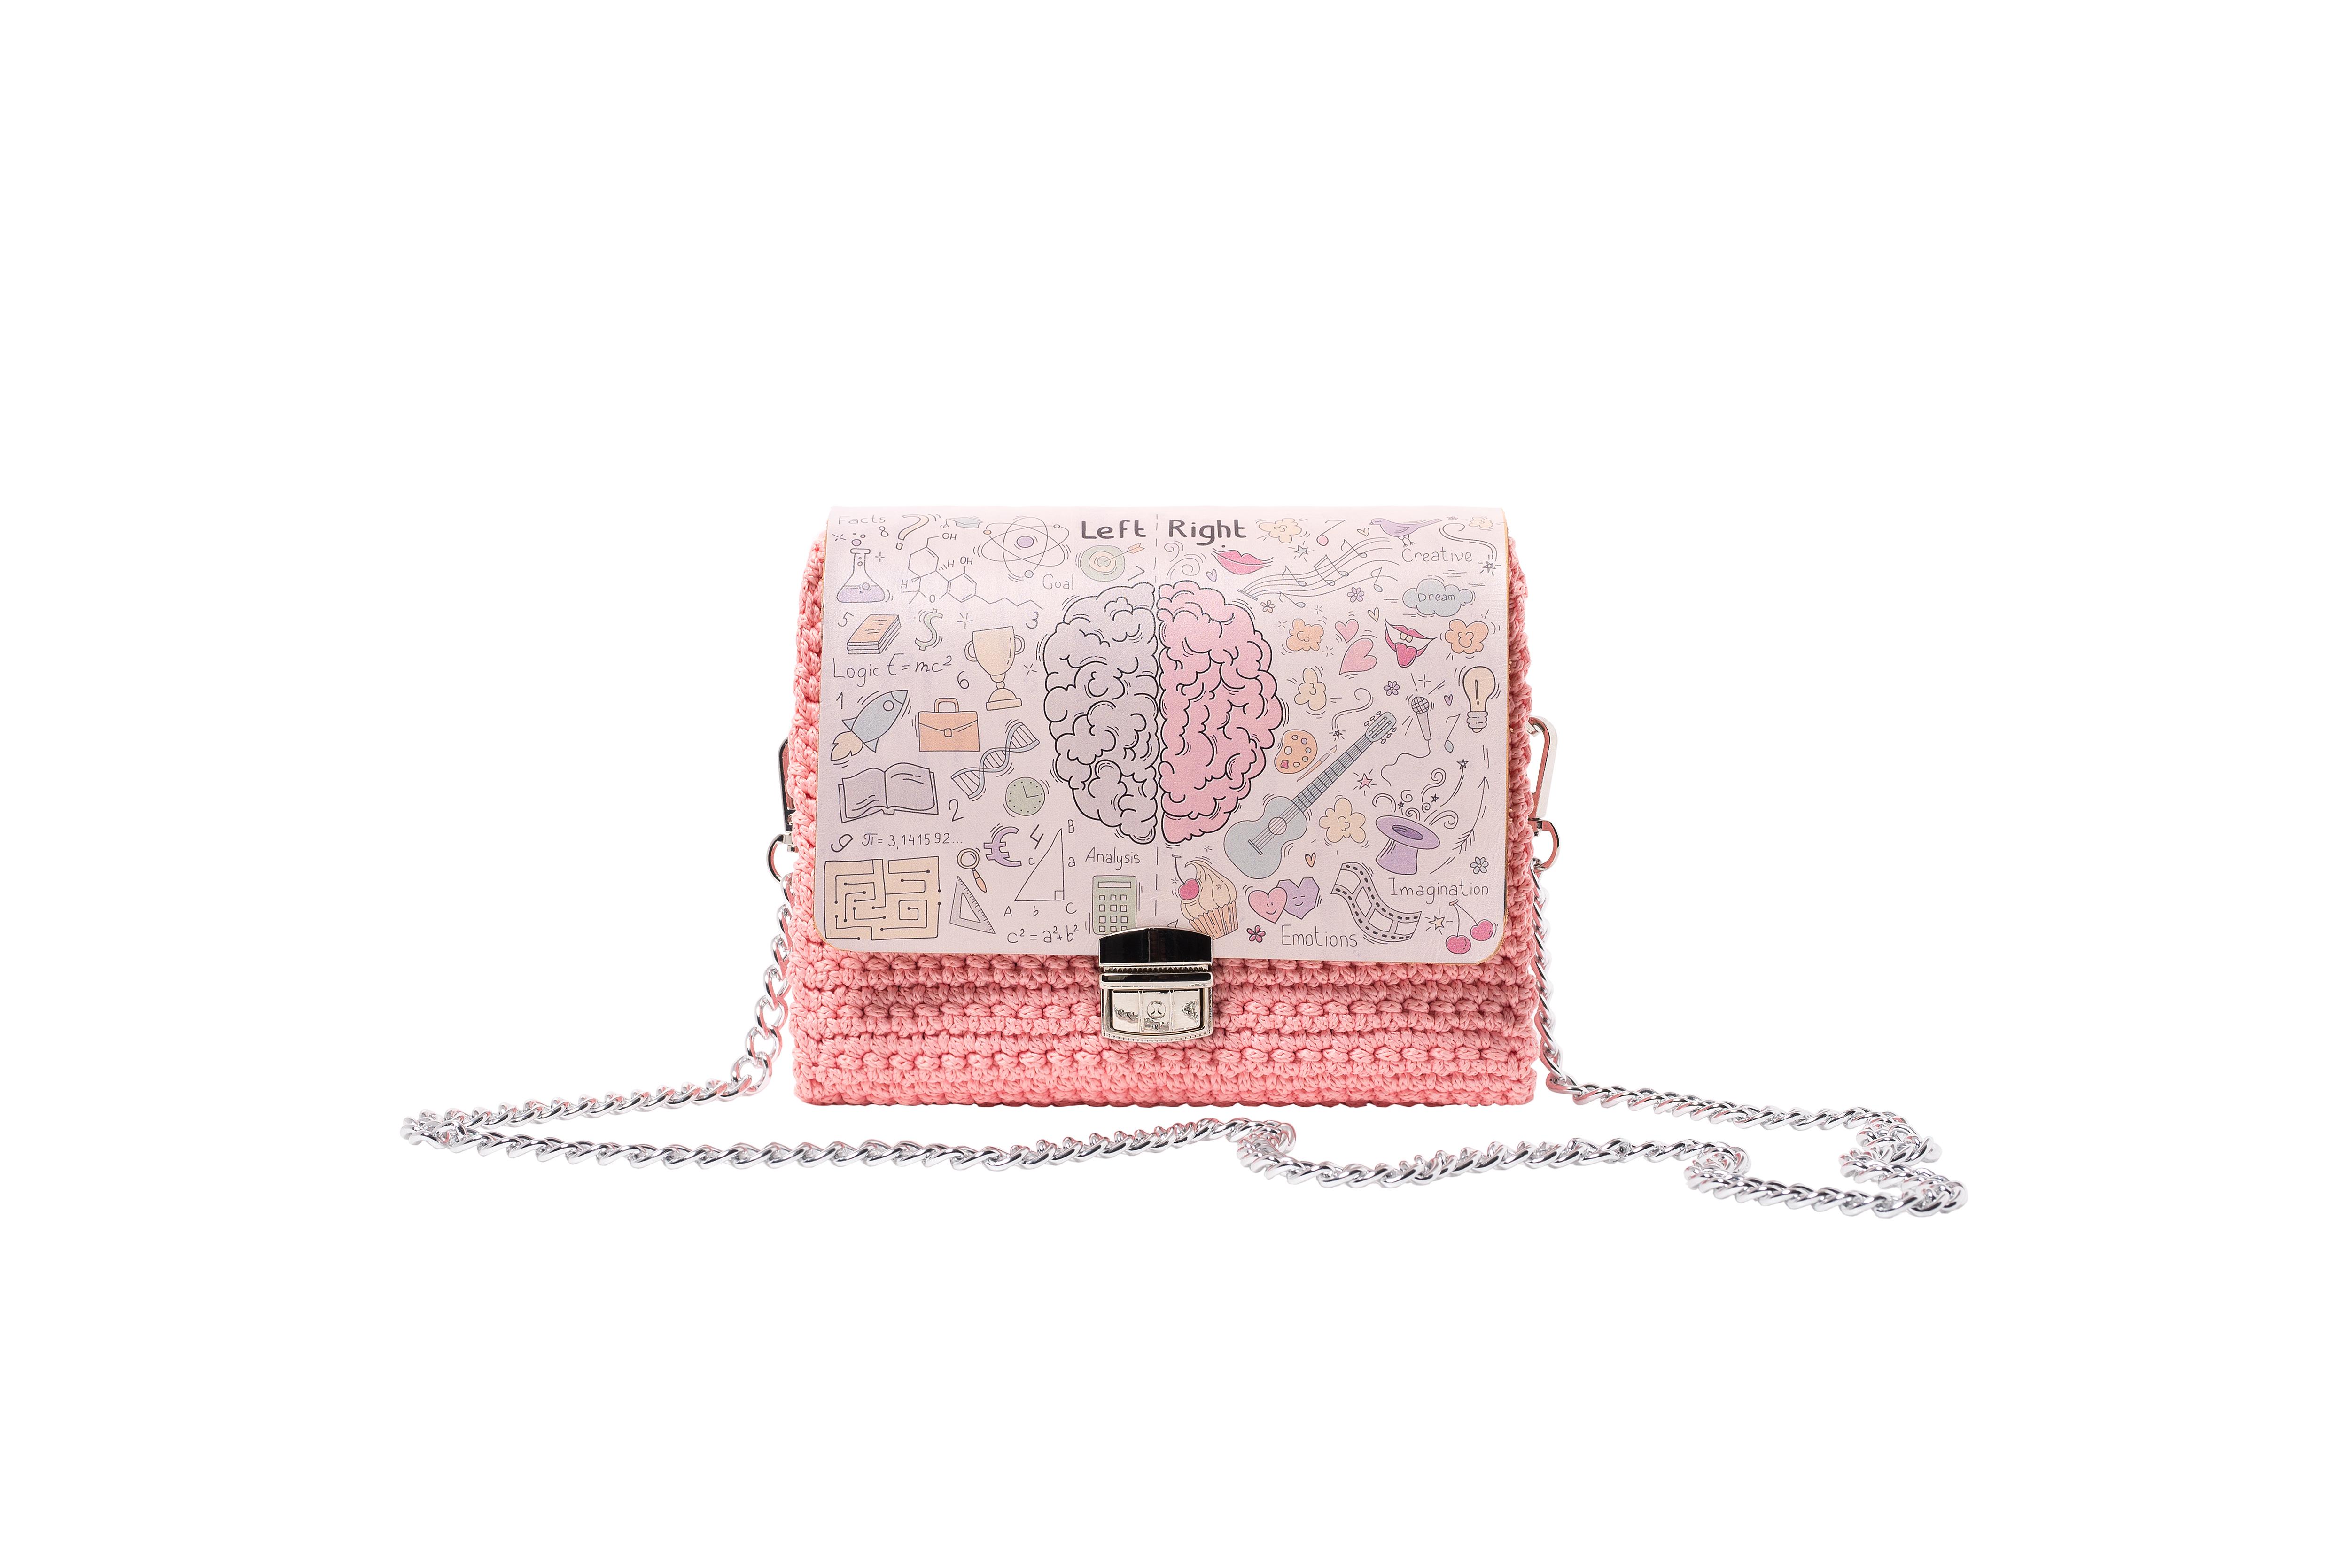 DSC_6652_розовая сумка_0000_Layer 1